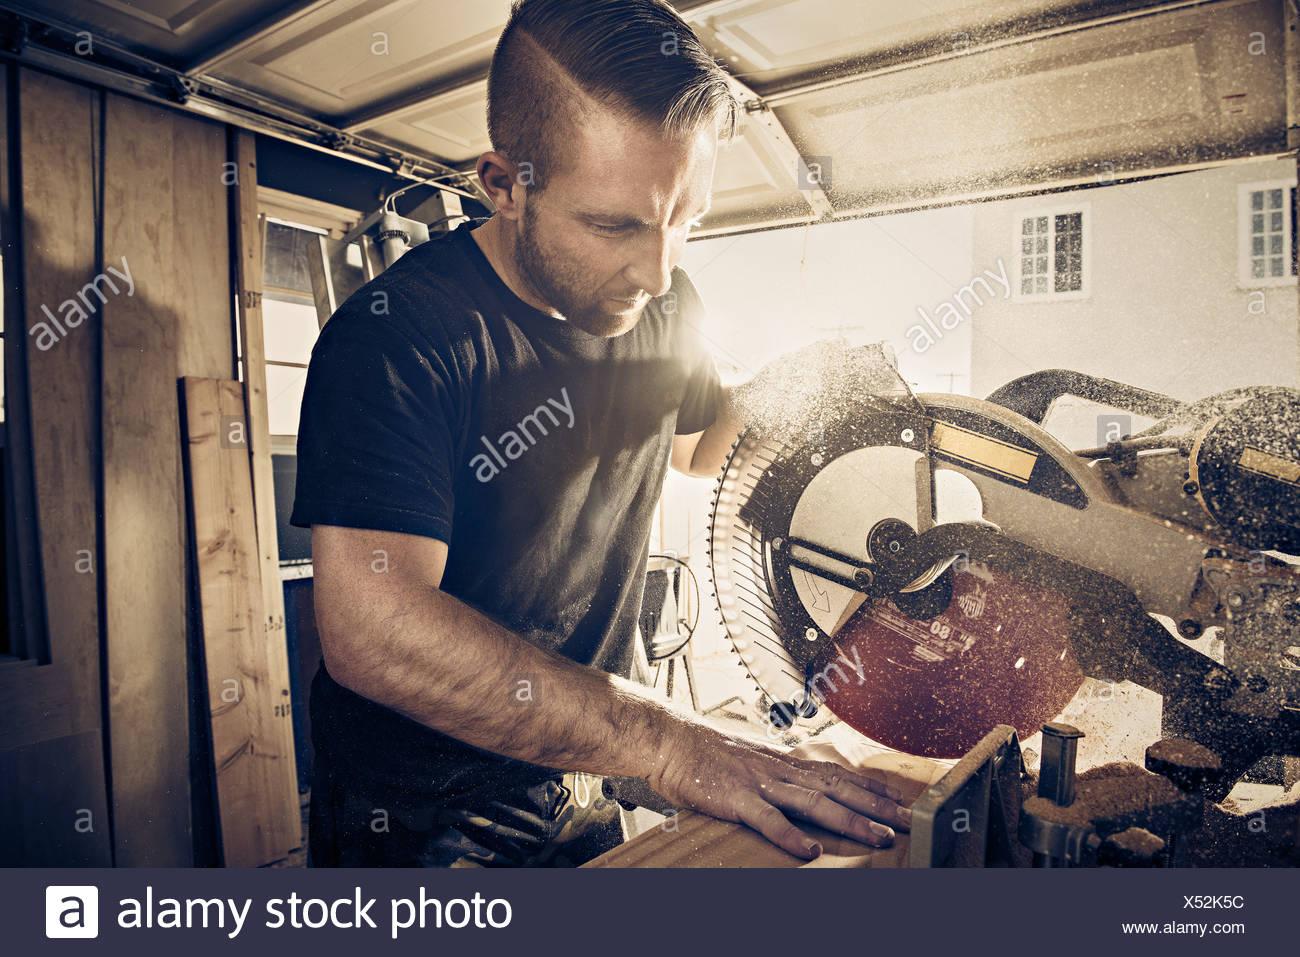 Falegname maschio listone di segatura di legno in officina Immagini Stock